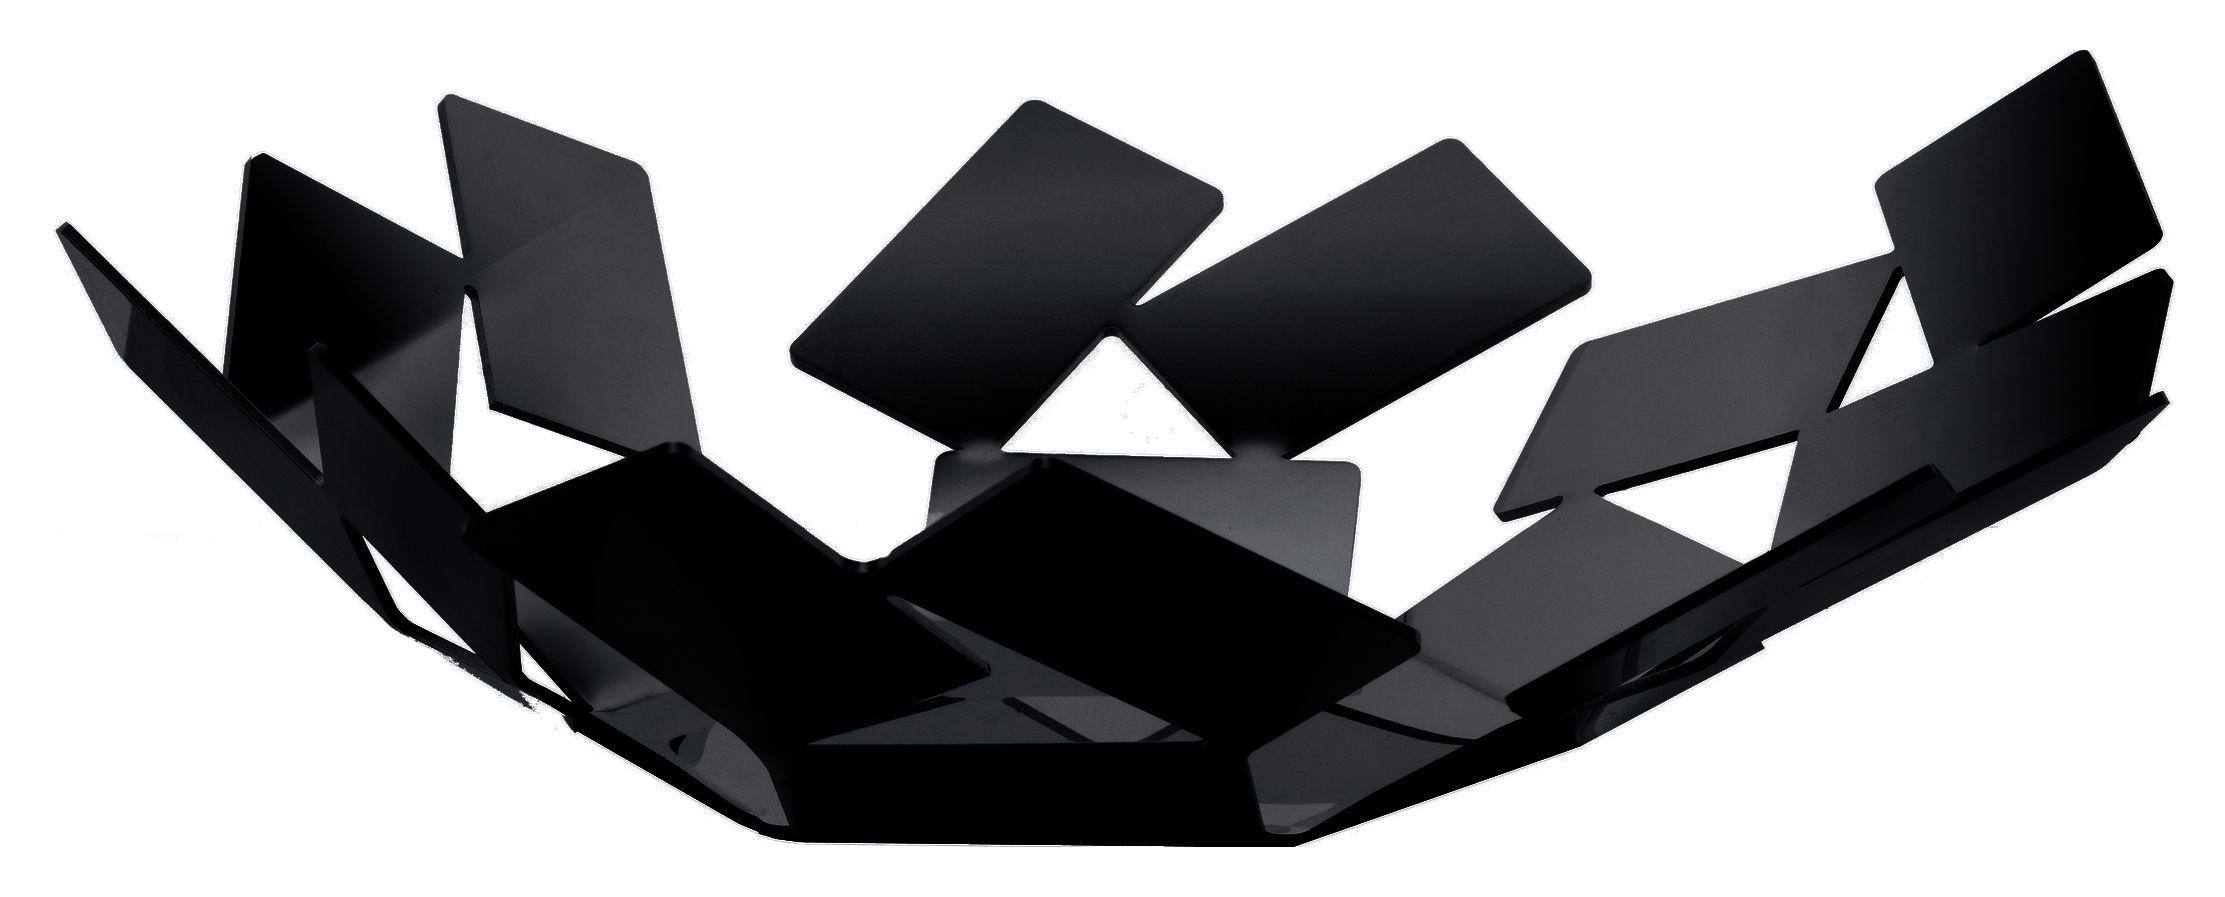 Accessori moda - Accessori bagno - Cesto La Stanza dello Scirocco - Ø 24 cm x h 6 cm di Alessi - Nero - Acciaio inossidabile